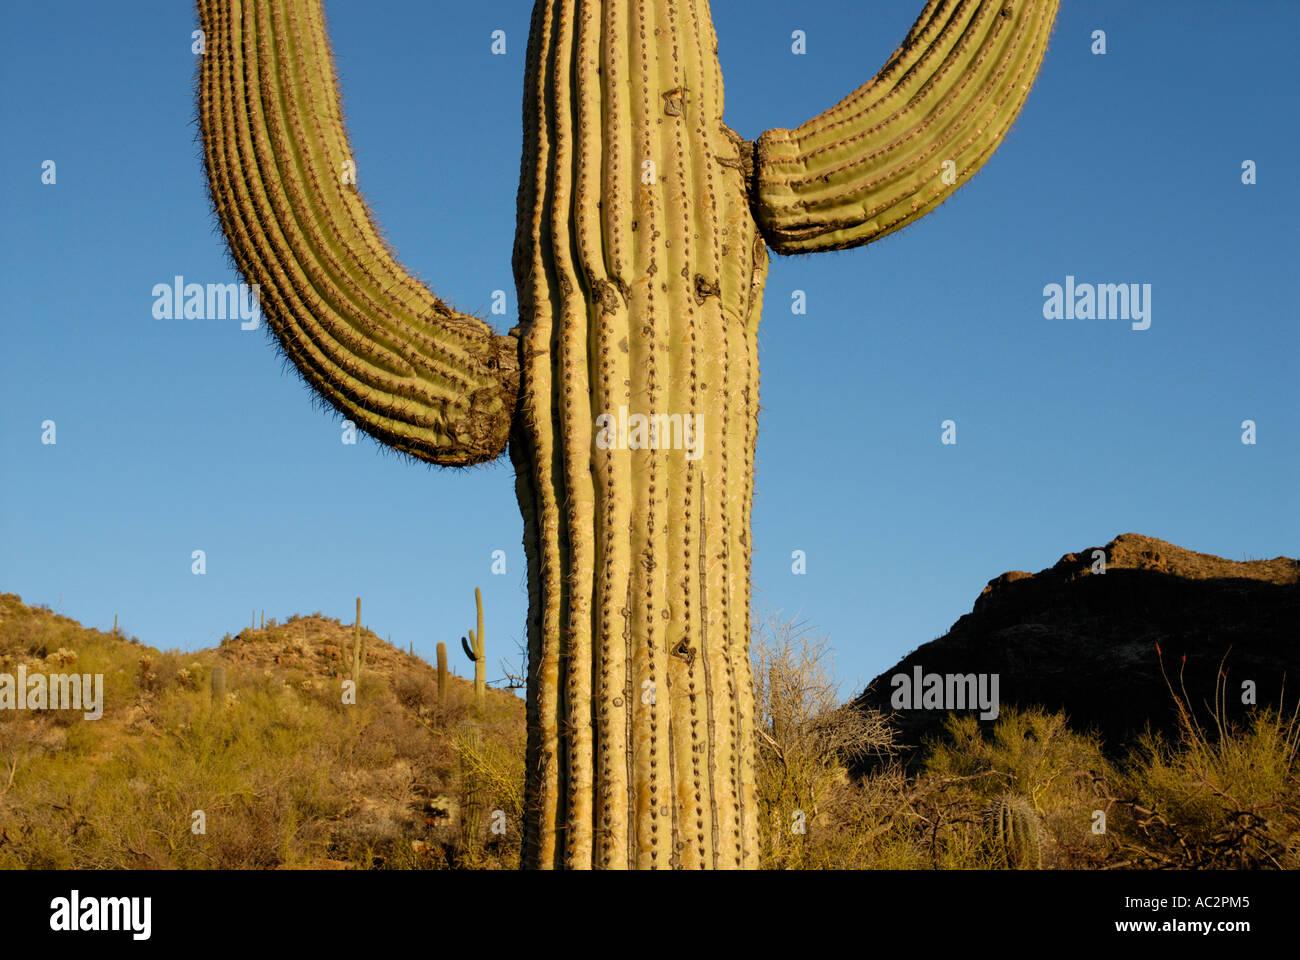 Saguaro Kaktus Carnegiea Gigantea, mit zwei Armen, bergige Wüste Hintergrund, Sonora-Wüste, Südwesten der USA Stockfoto